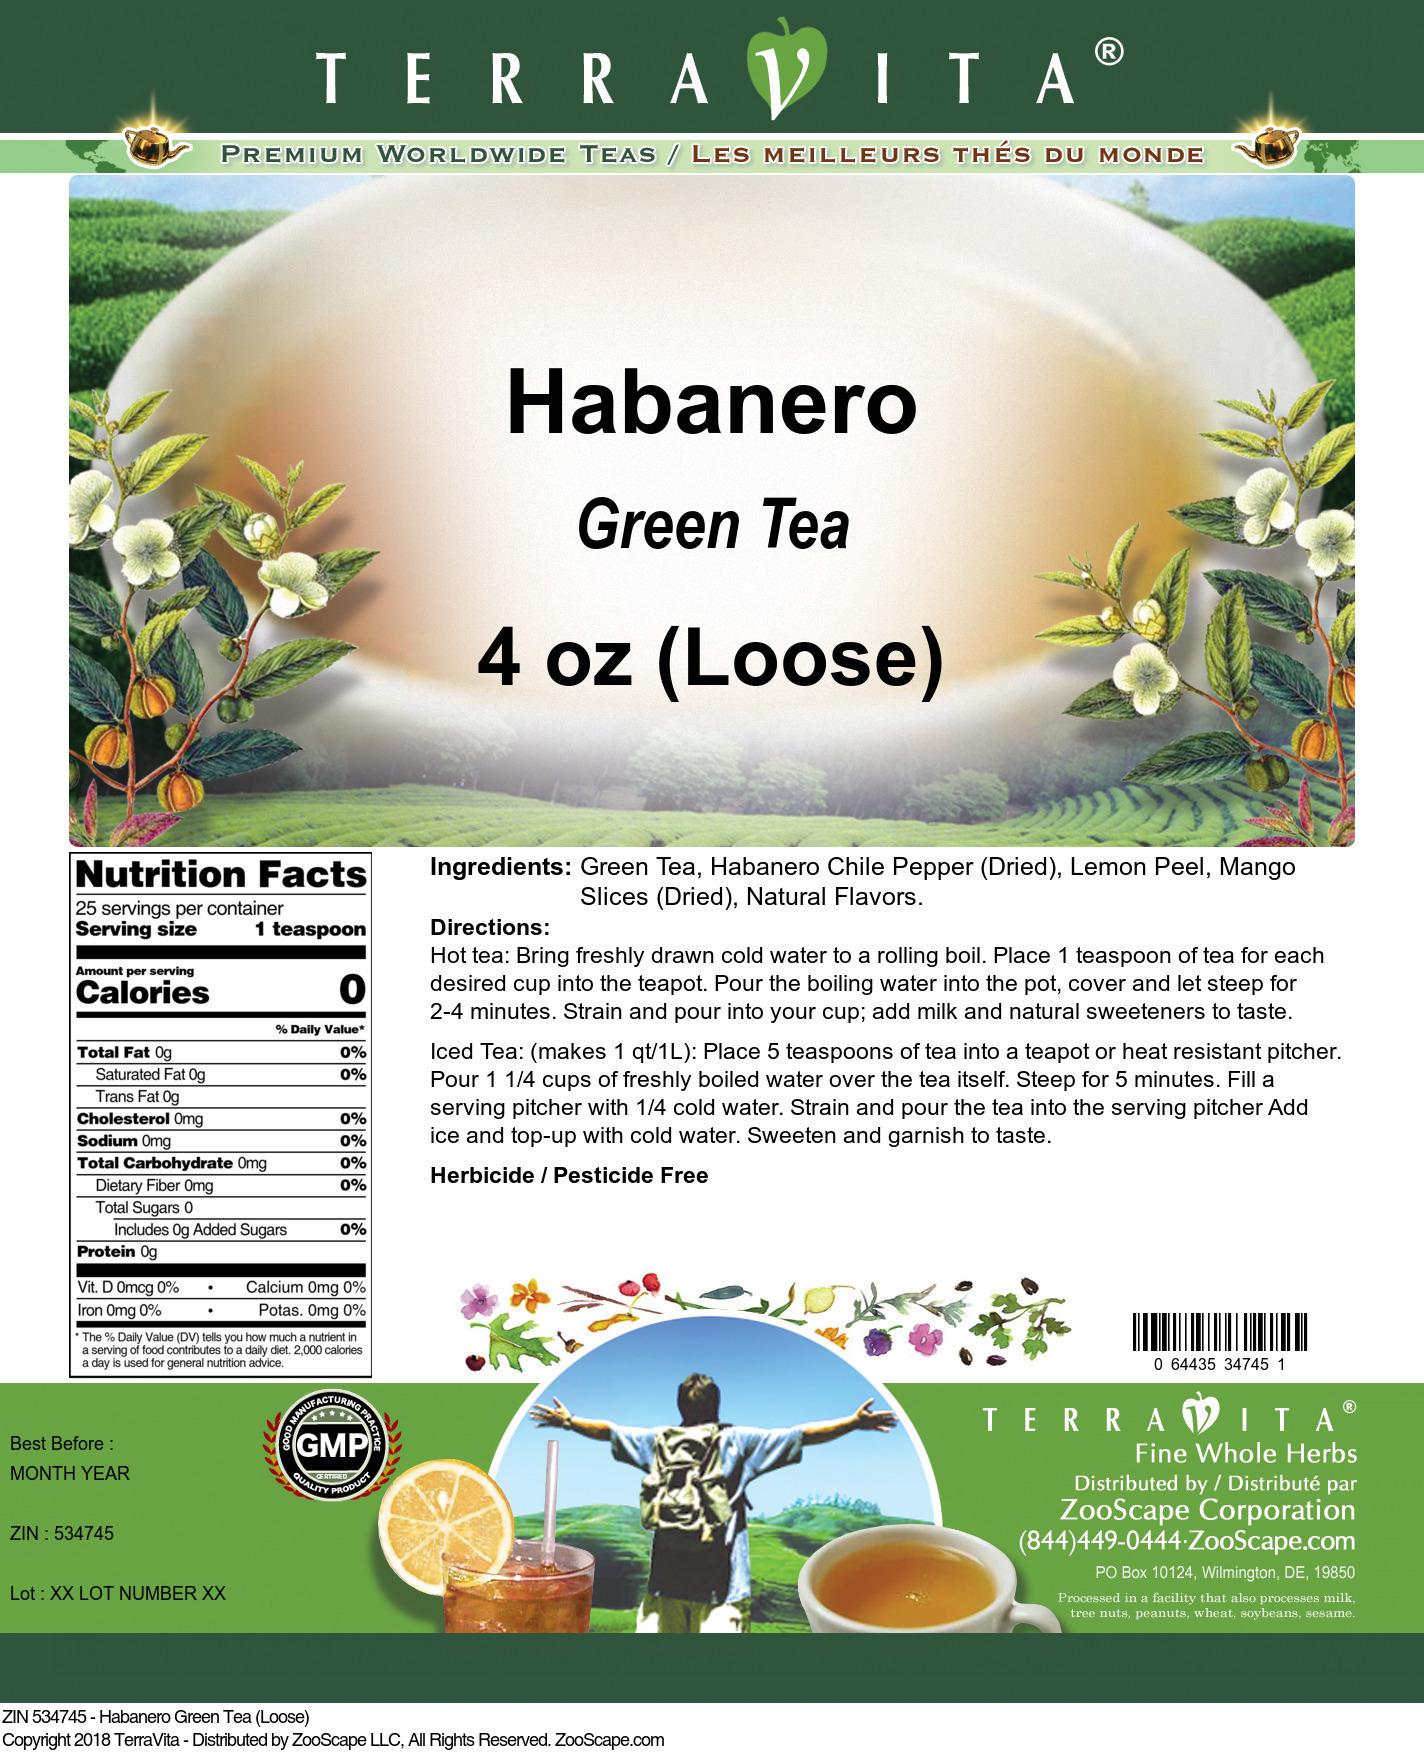 Habanero Green Tea (Loose)